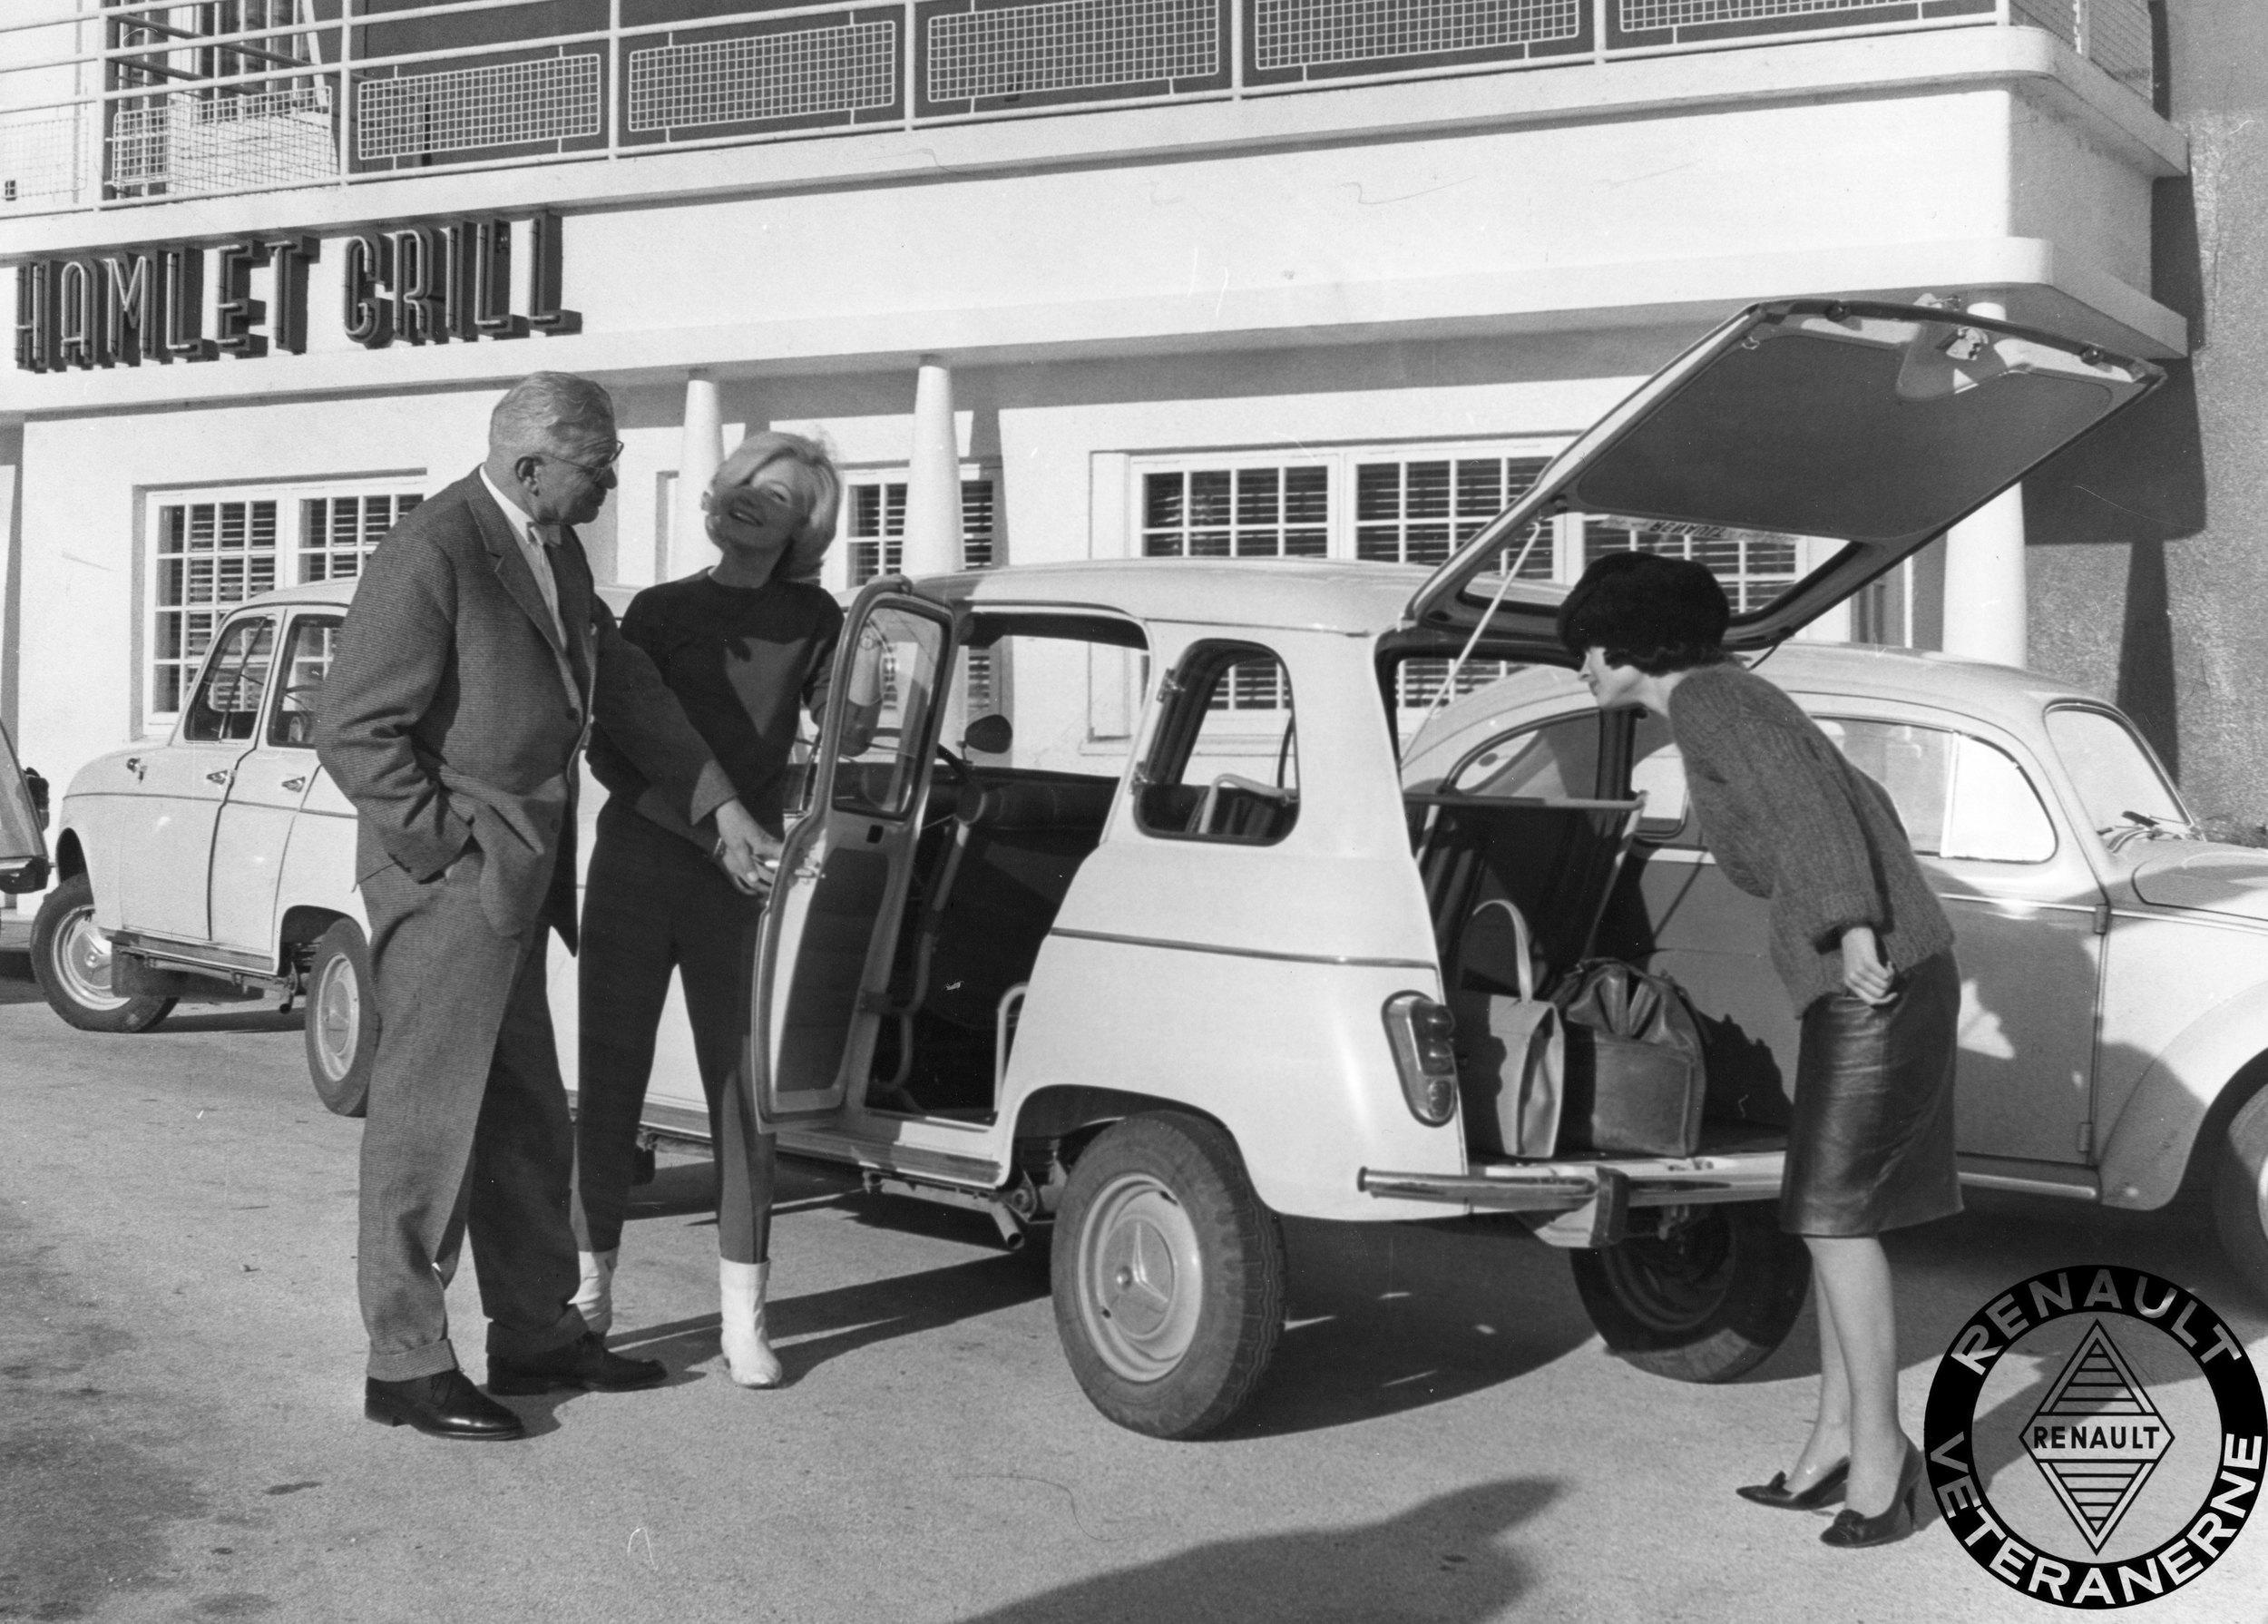 Den helt nye Renault 4 ses her i foråret 1961 efter i sømmene af direktør Ejnar Friis-Hansen med damer.